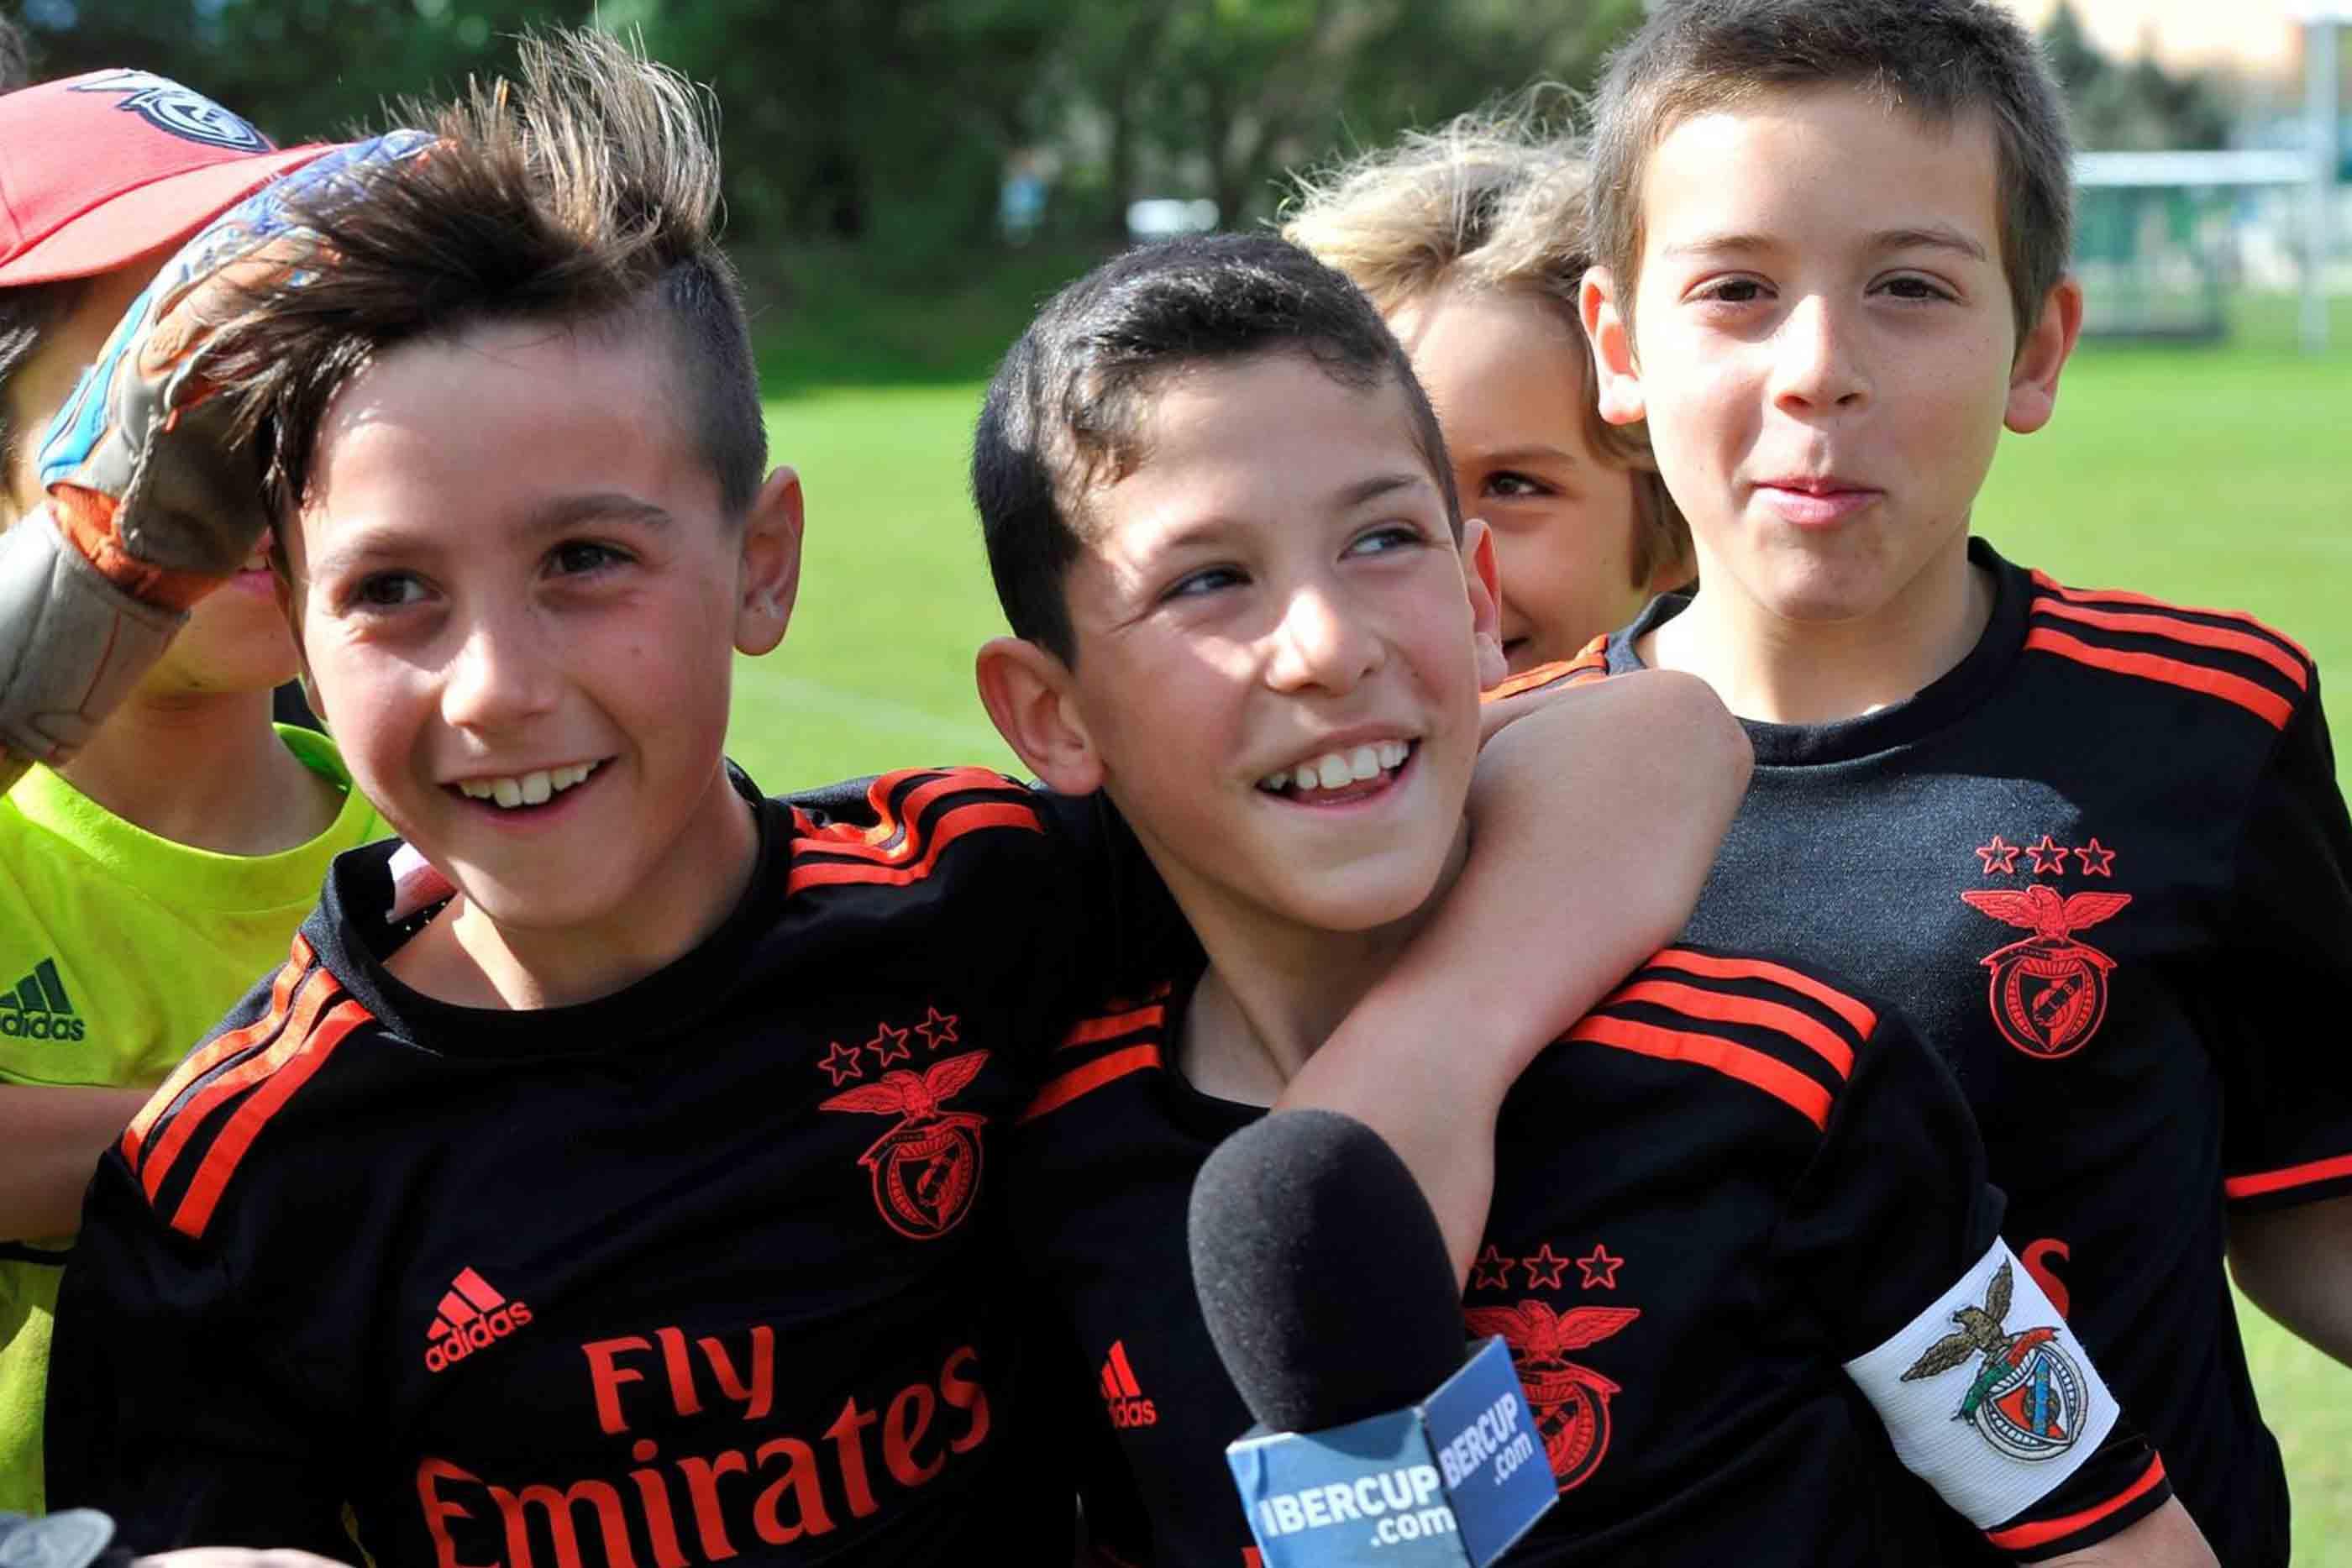 Festejos de jovens do SL Benfica.